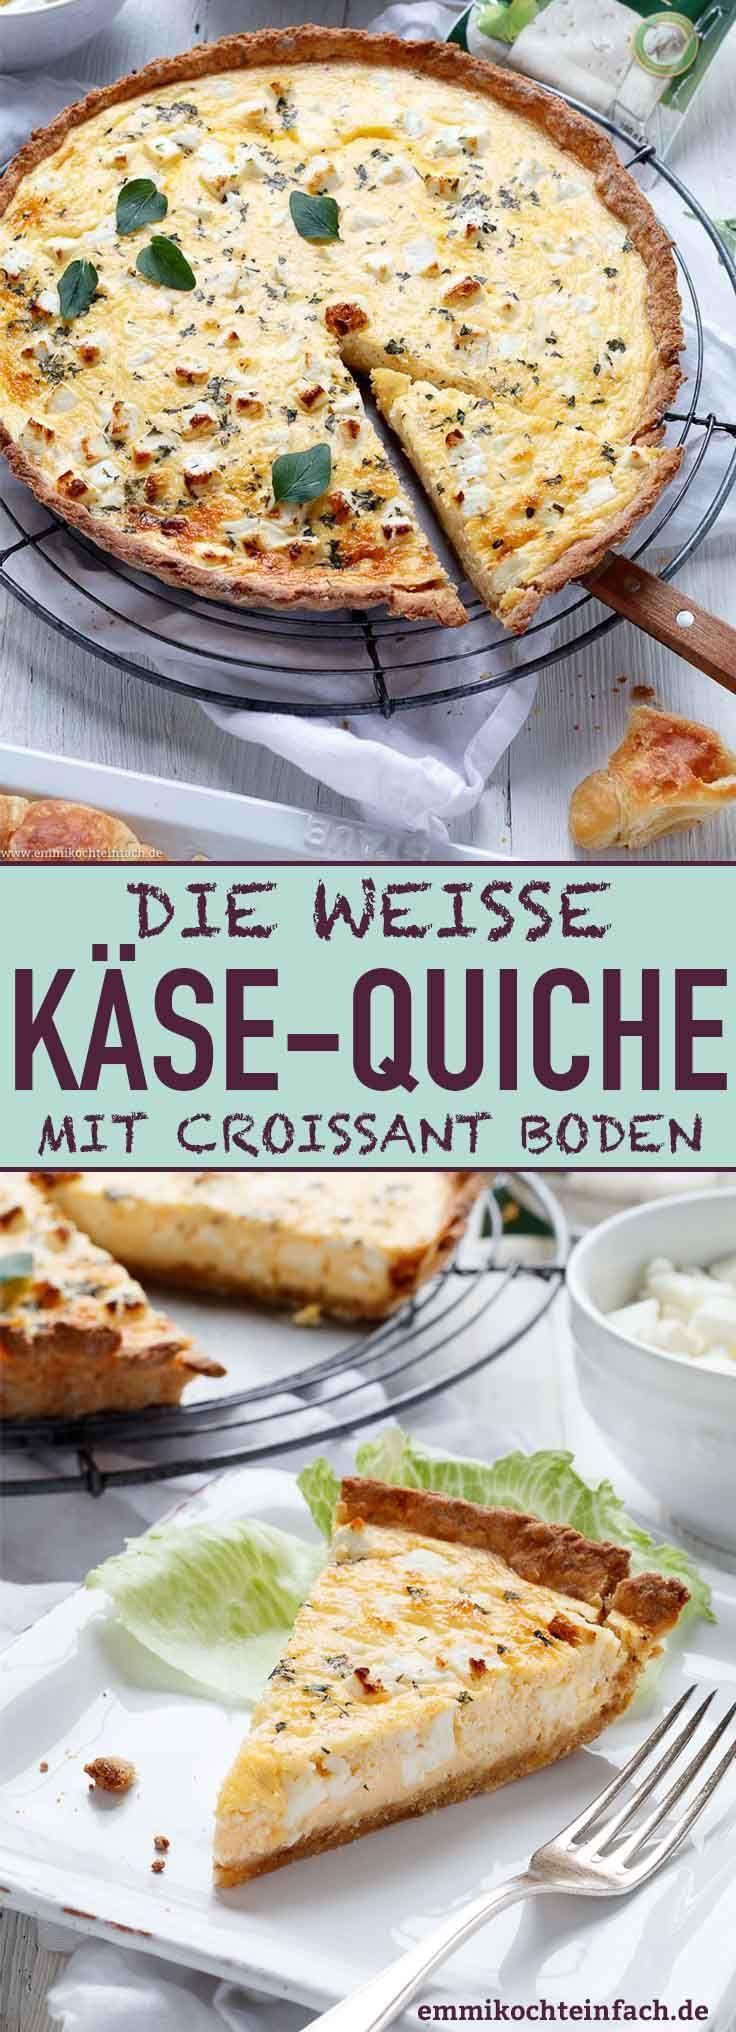 Weisse Käse-Quiche mit Croissant Boden